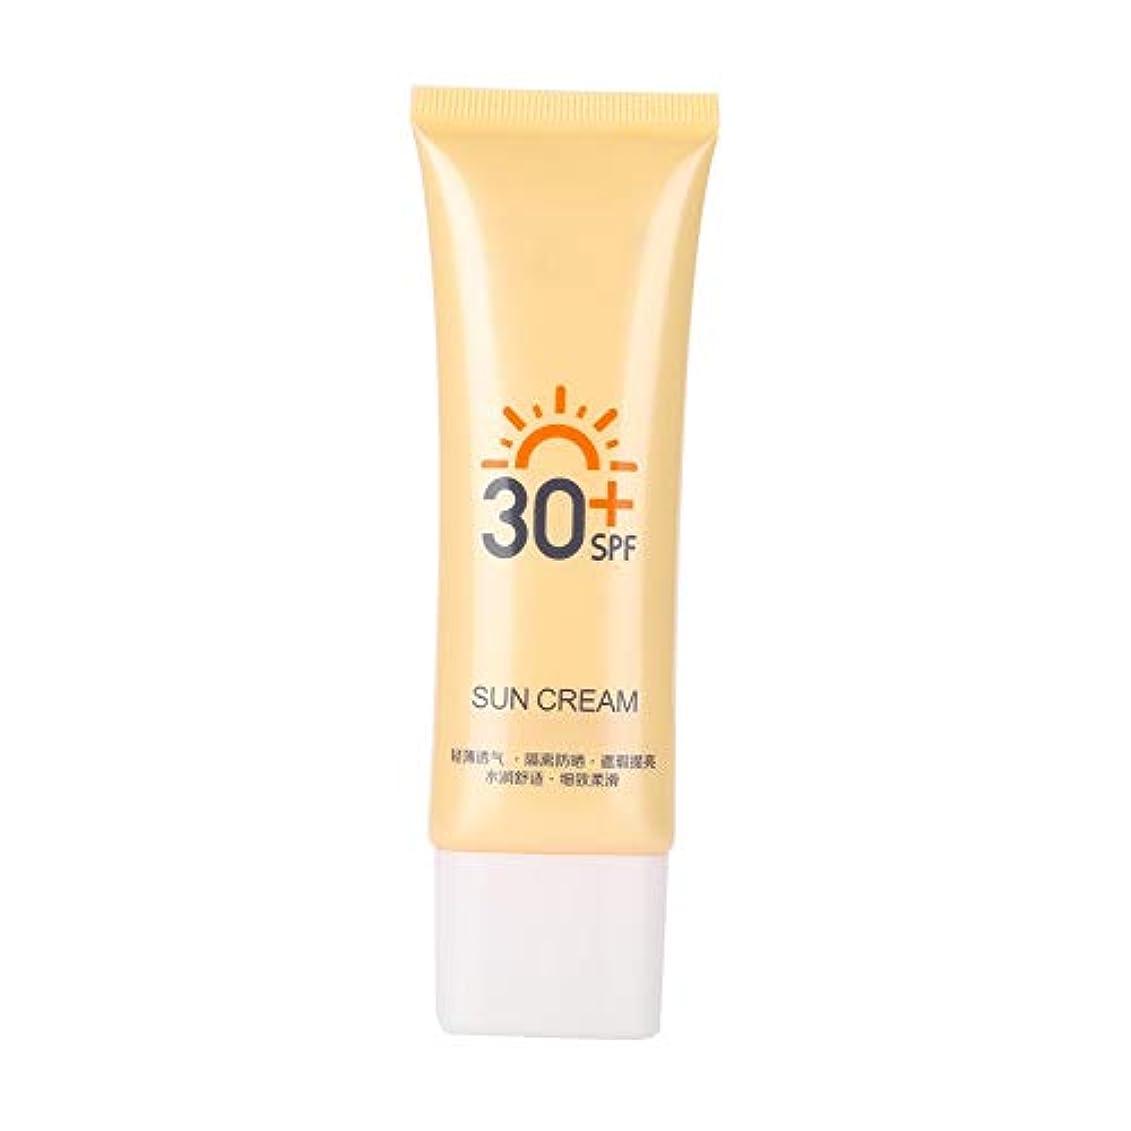 取り付け不足首Semme日焼け止めクリーム、日焼け止めクリーム40グラム日焼け止めクリームSPF30 + uv日焼け止めブライトニング防水クリーム